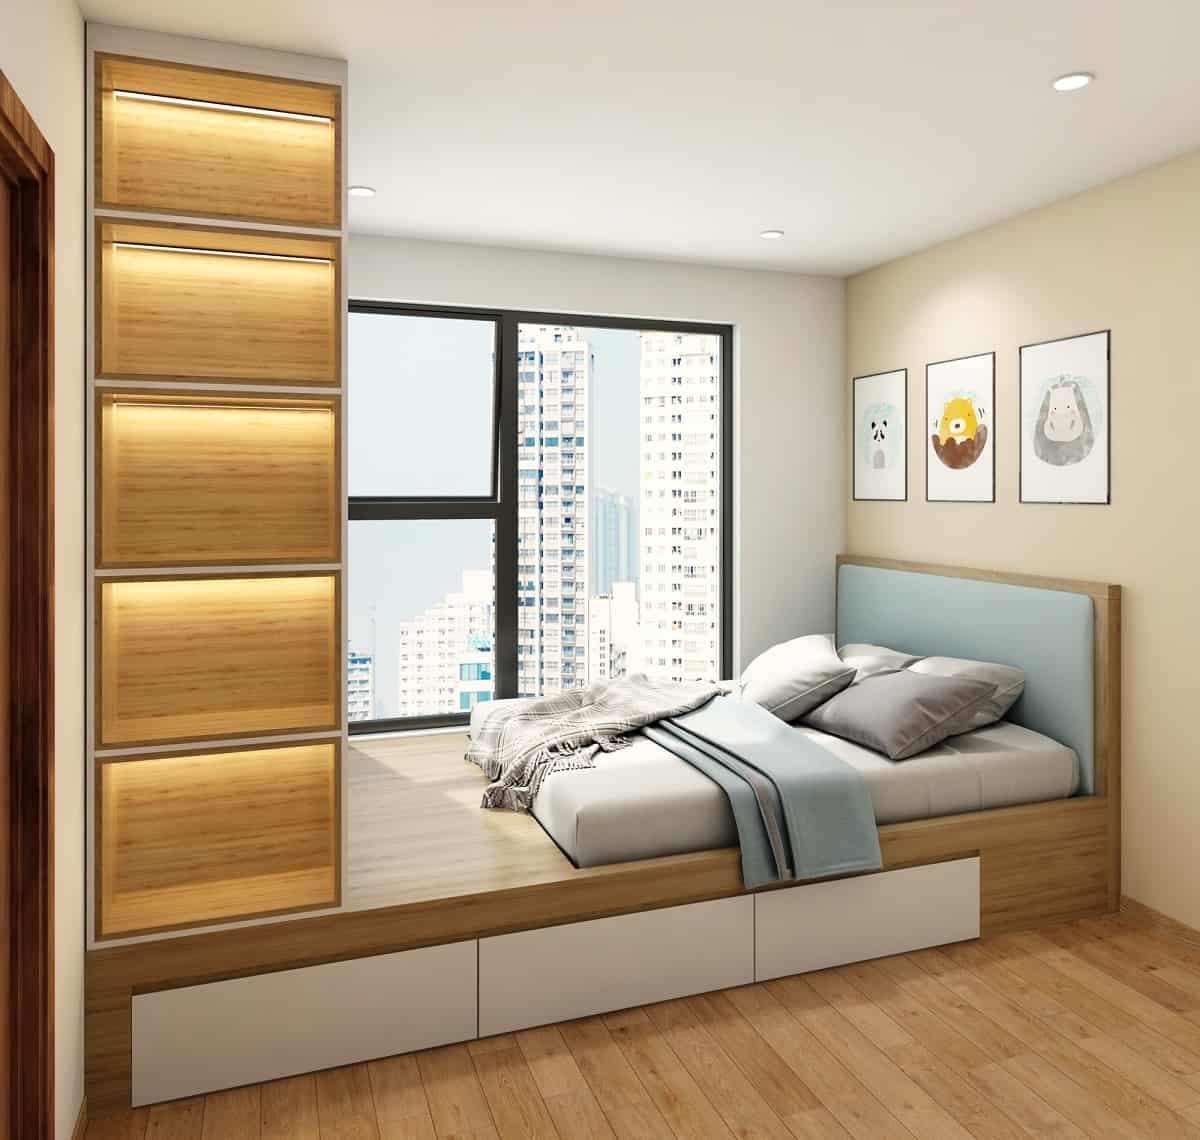 Thiết kế nội thất phòng ngủ số 2